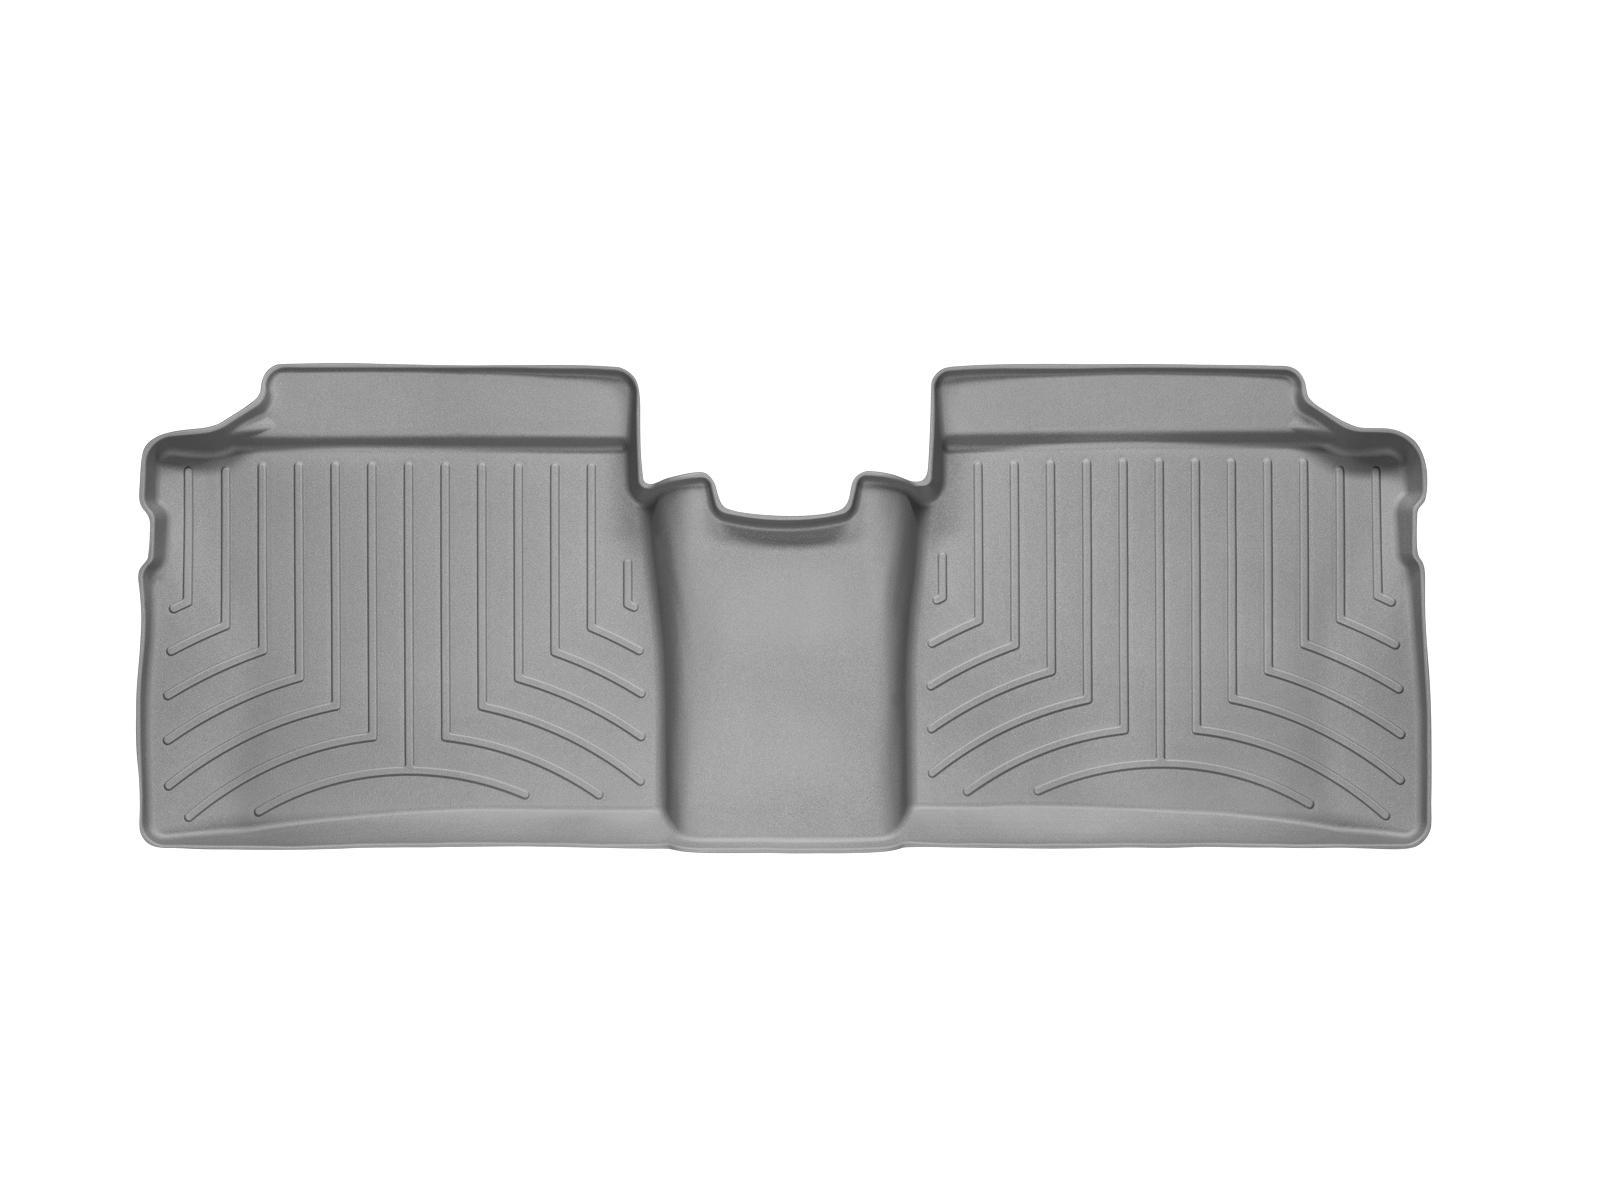 Tappeti gomma su misura bordo alto Toyota Prius 10>15 Grigio A3759*